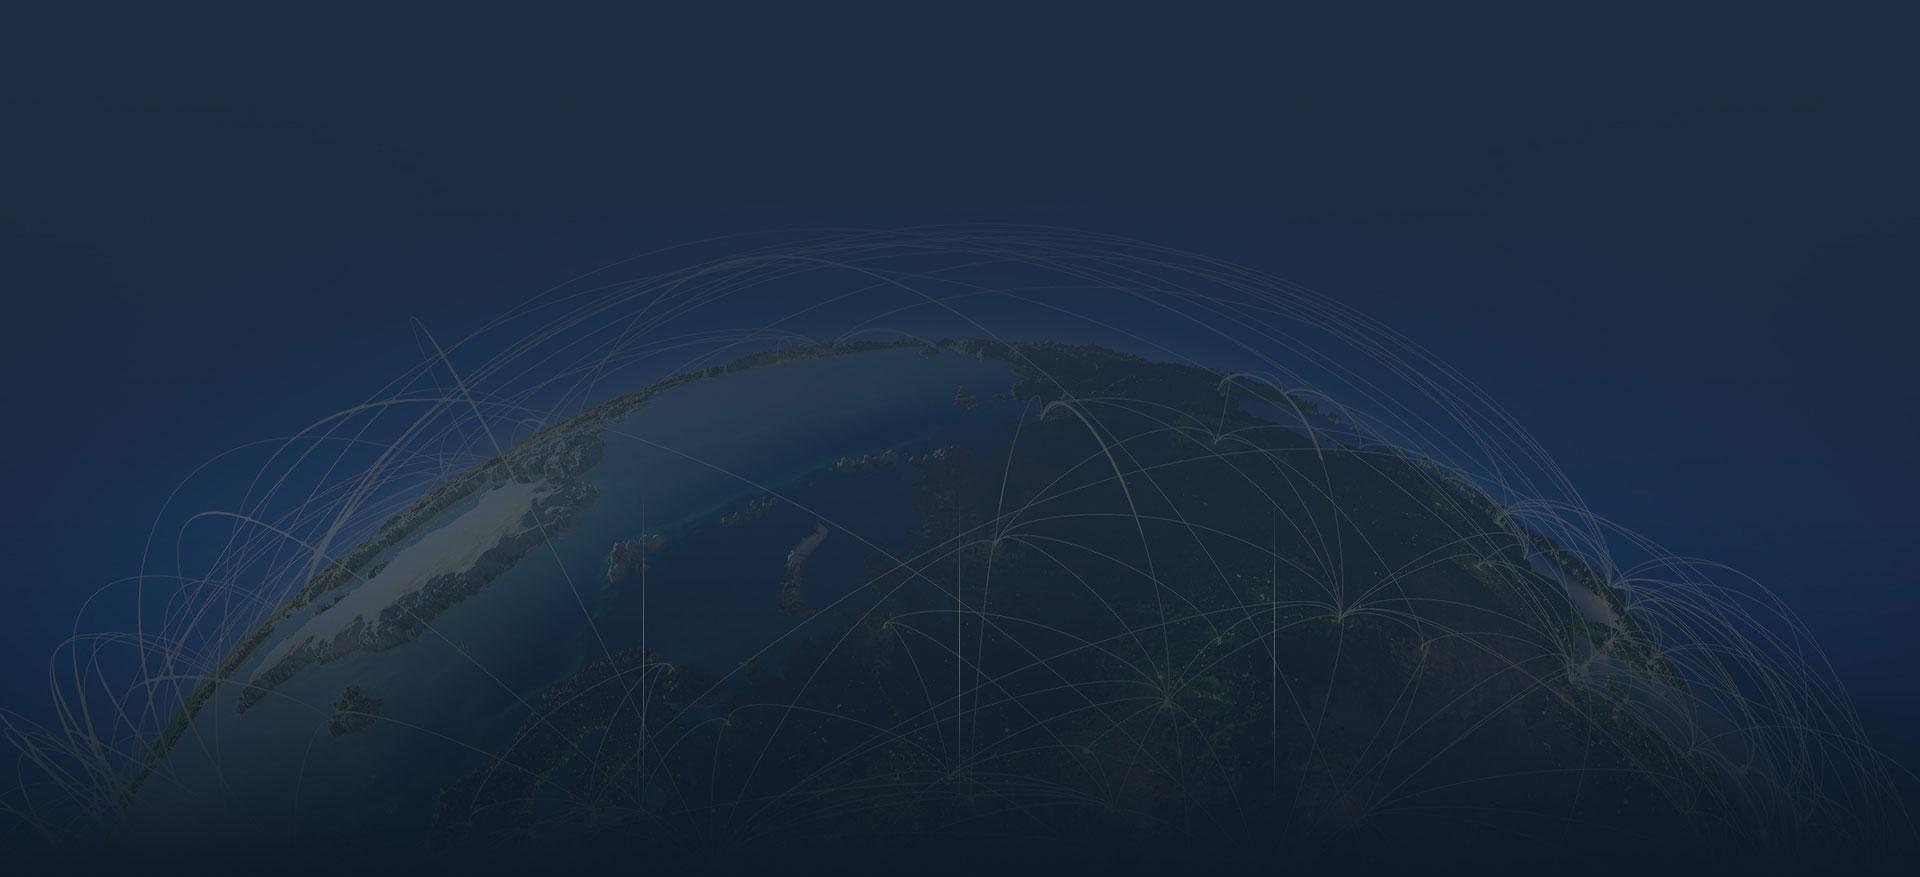 בוזונט חברה לפיתוח אפליקציות